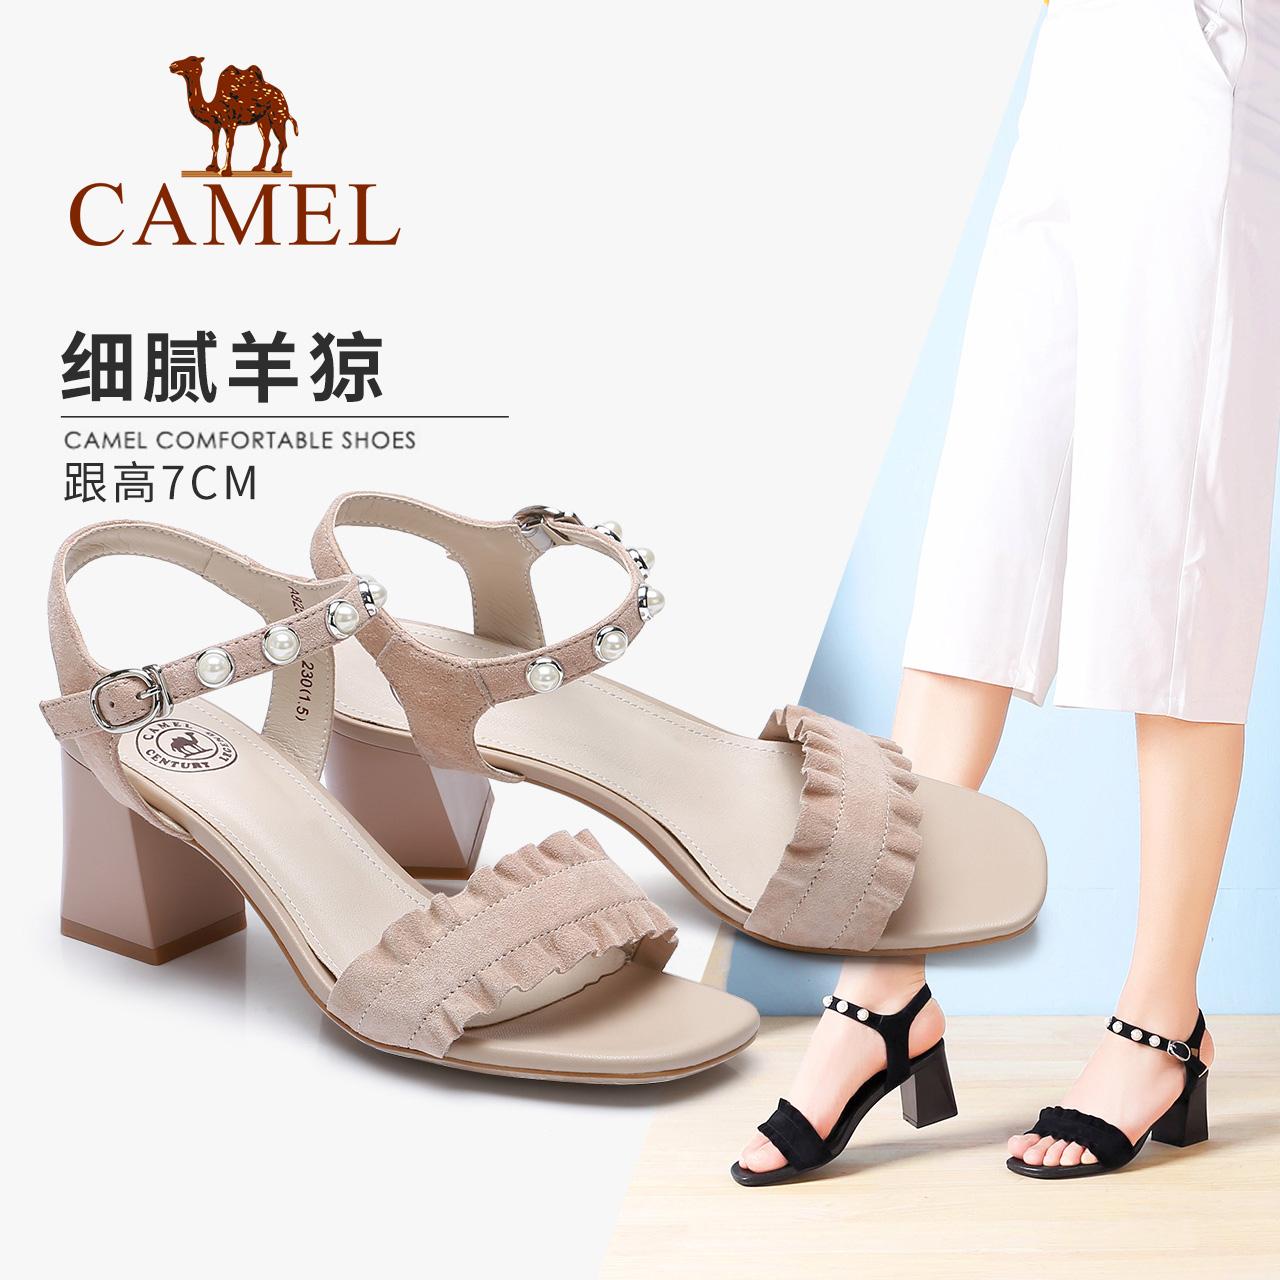 骆驼女鞋2018夏季新款 一字扣高跟鞋粗跟凉鞋 英伦风性感舒适优雅